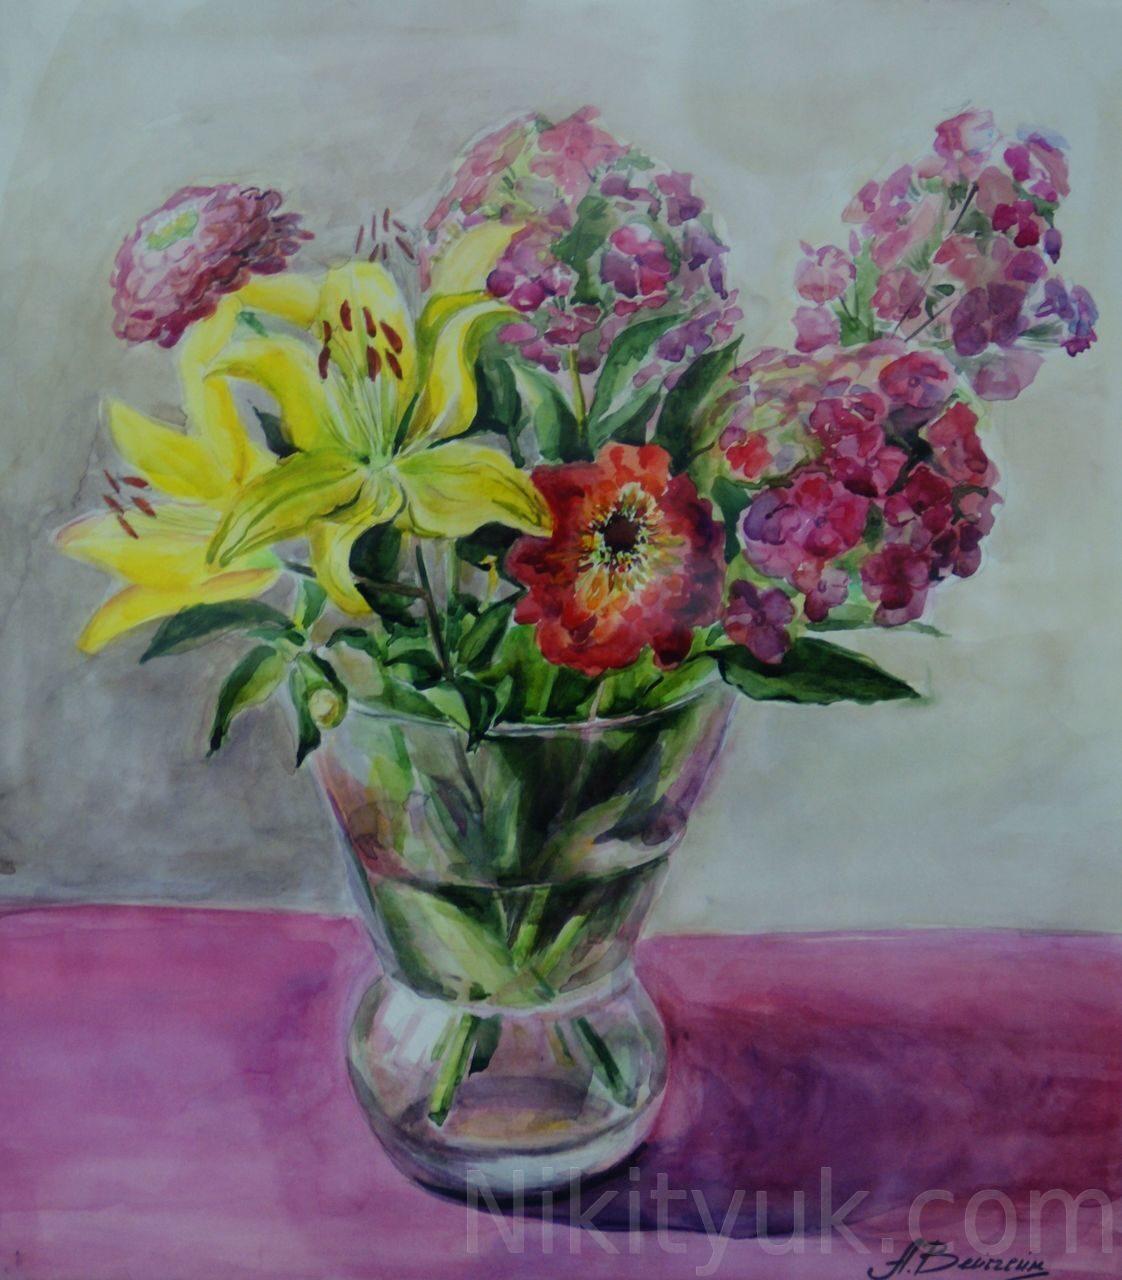 Анастасия Весгейм 37 лет, первый год обучения. Цветы, бум., акв., 50х45см